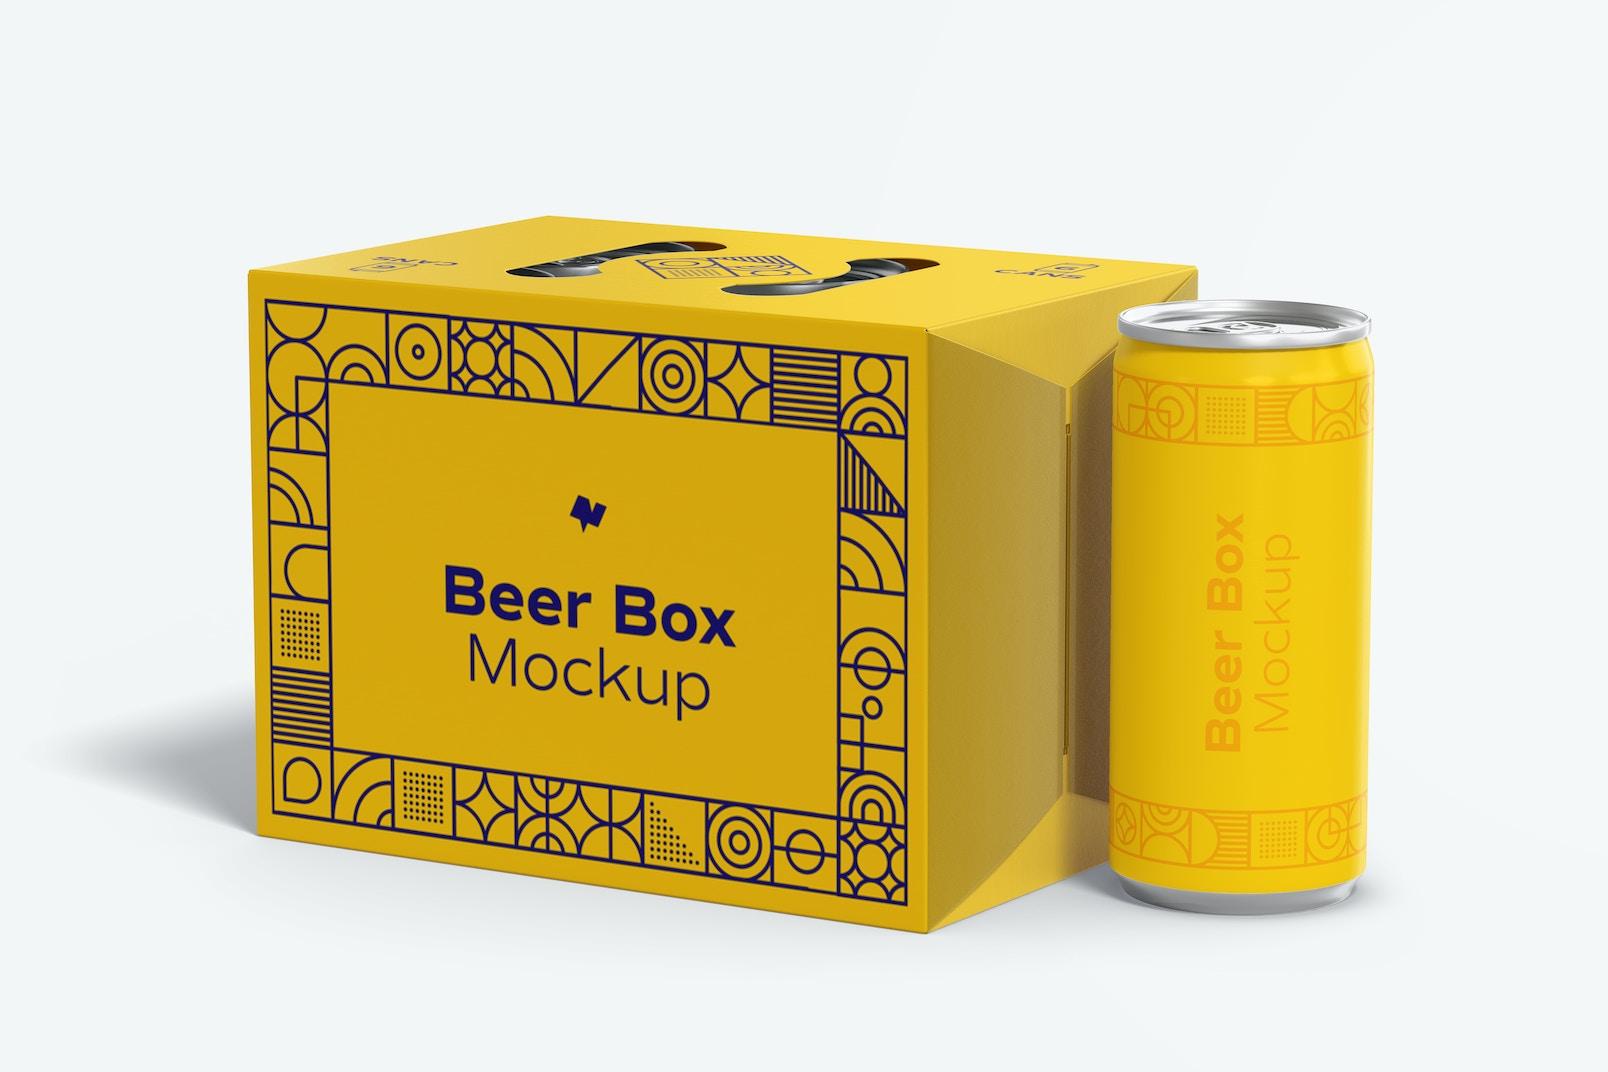 Beer Box Mockup, Close Up